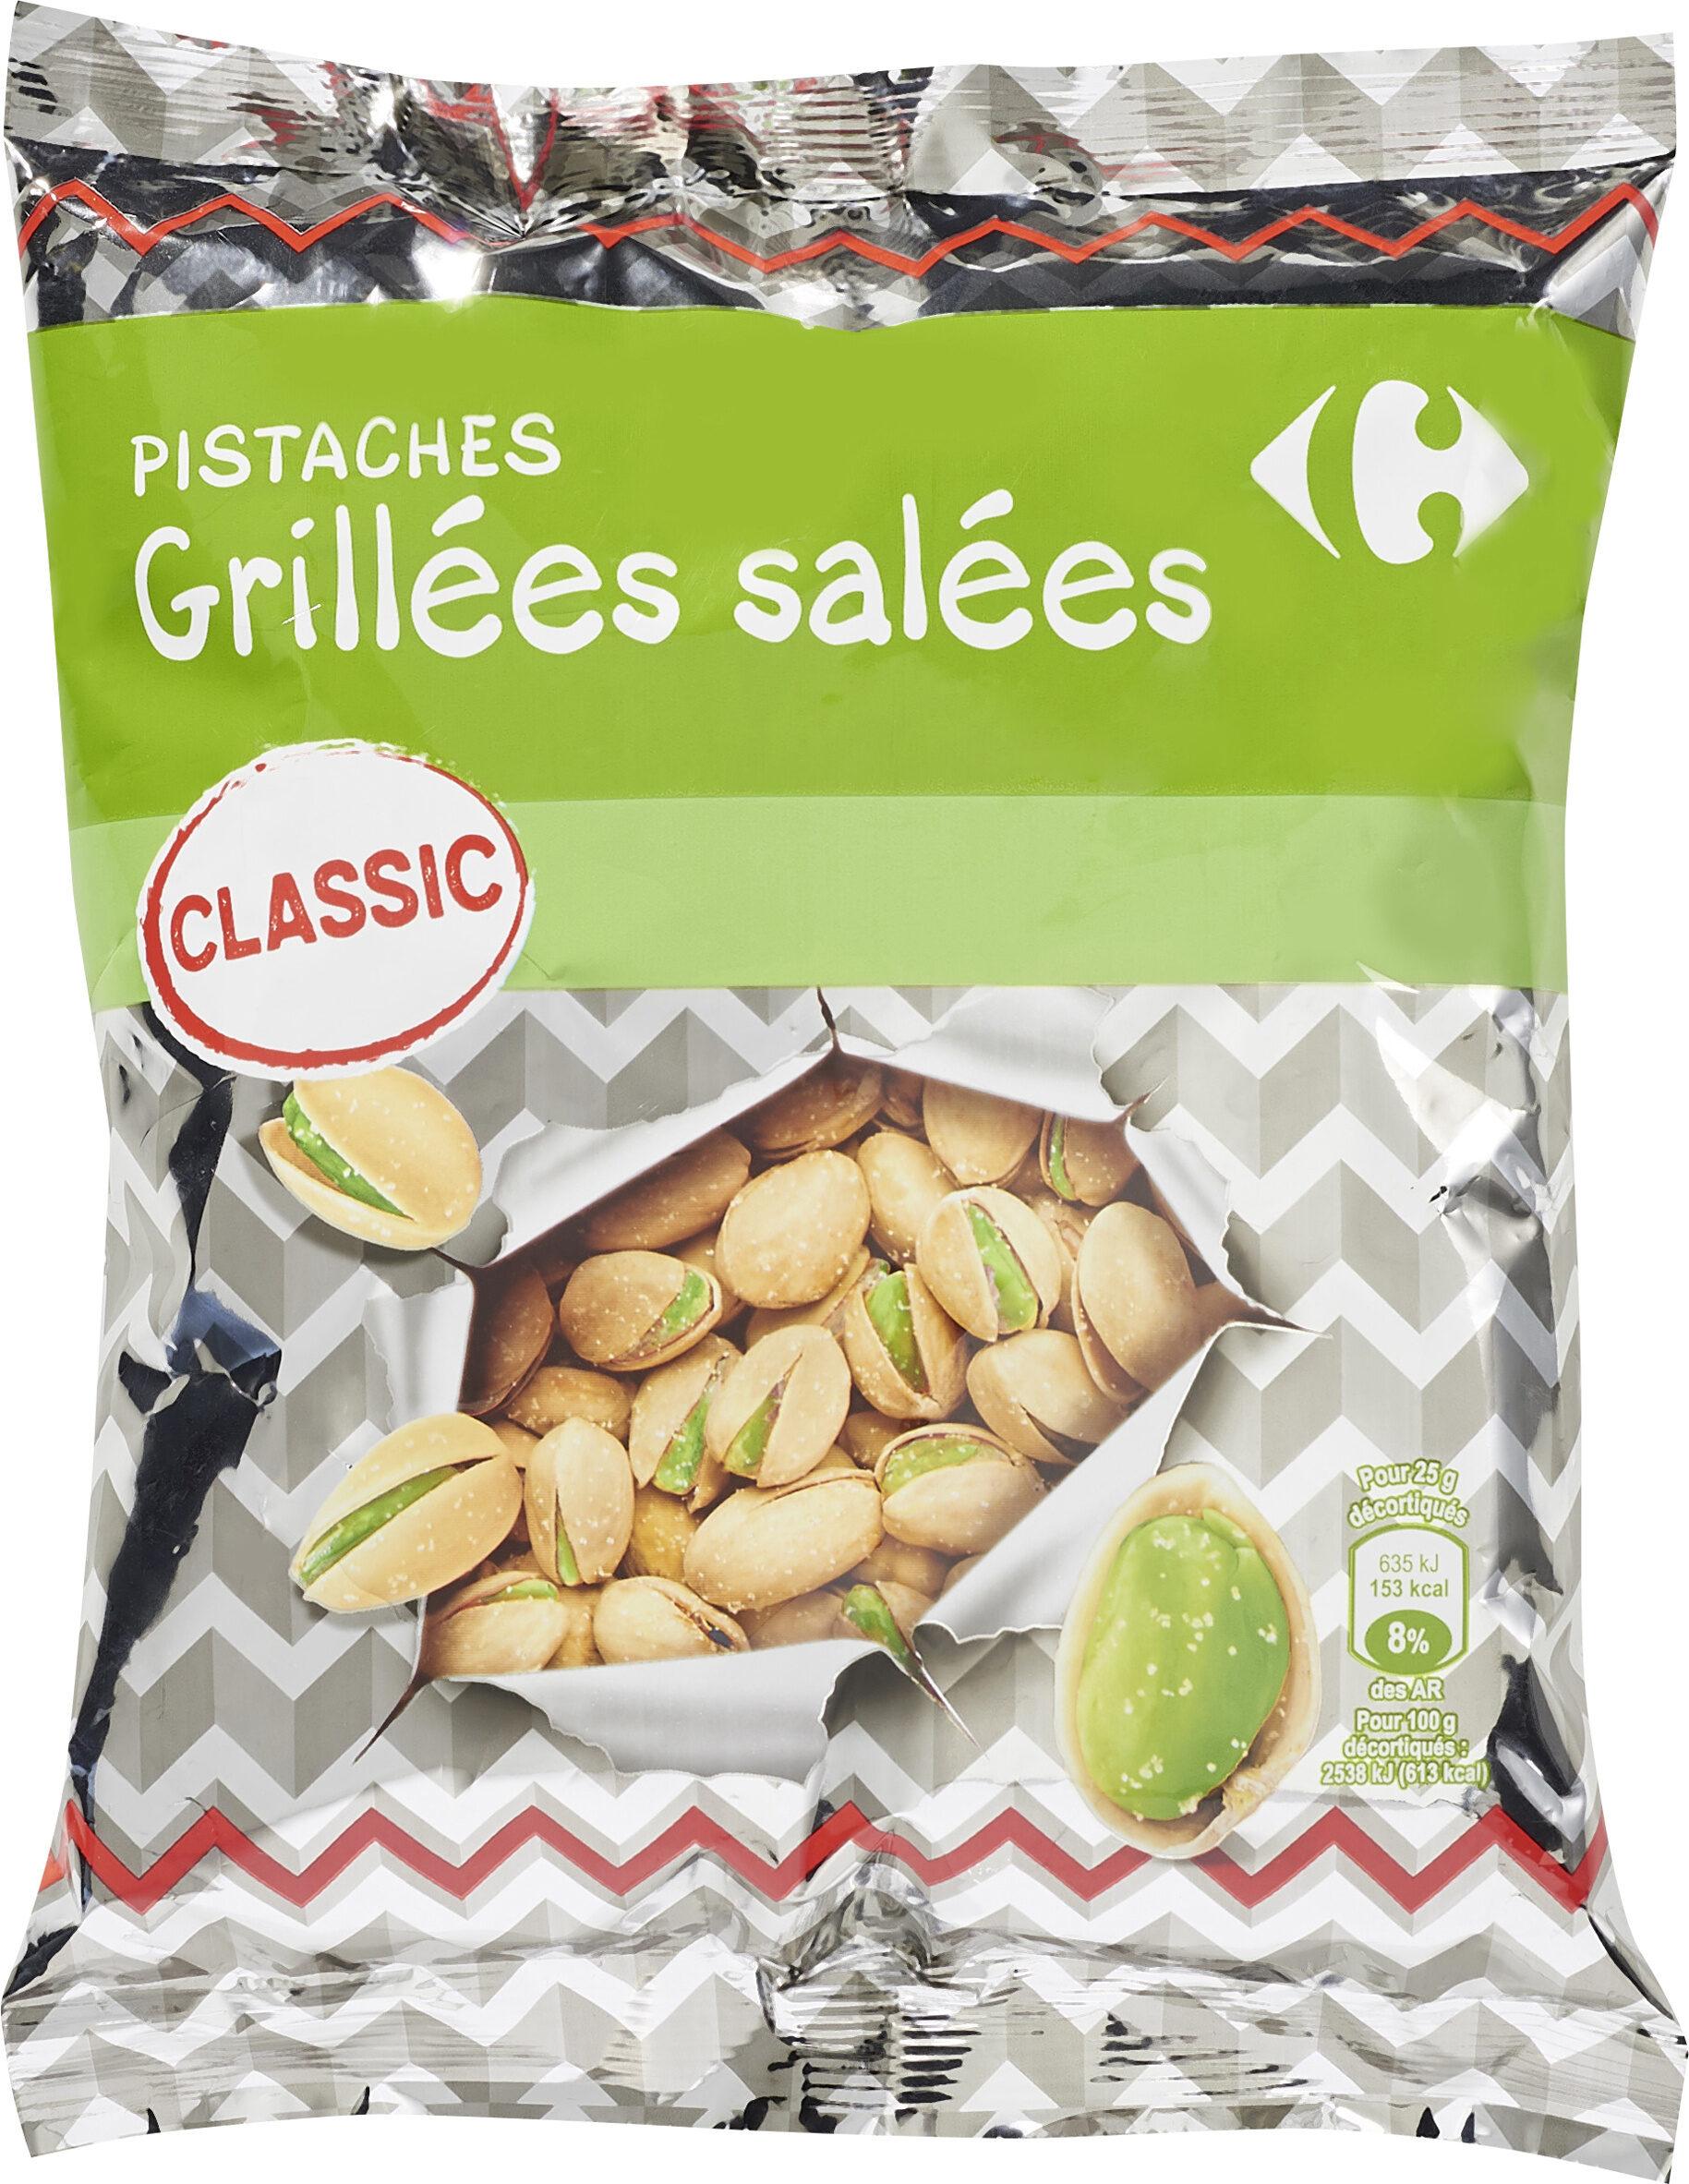 Pistaches grillées salées - Prodotto - fr